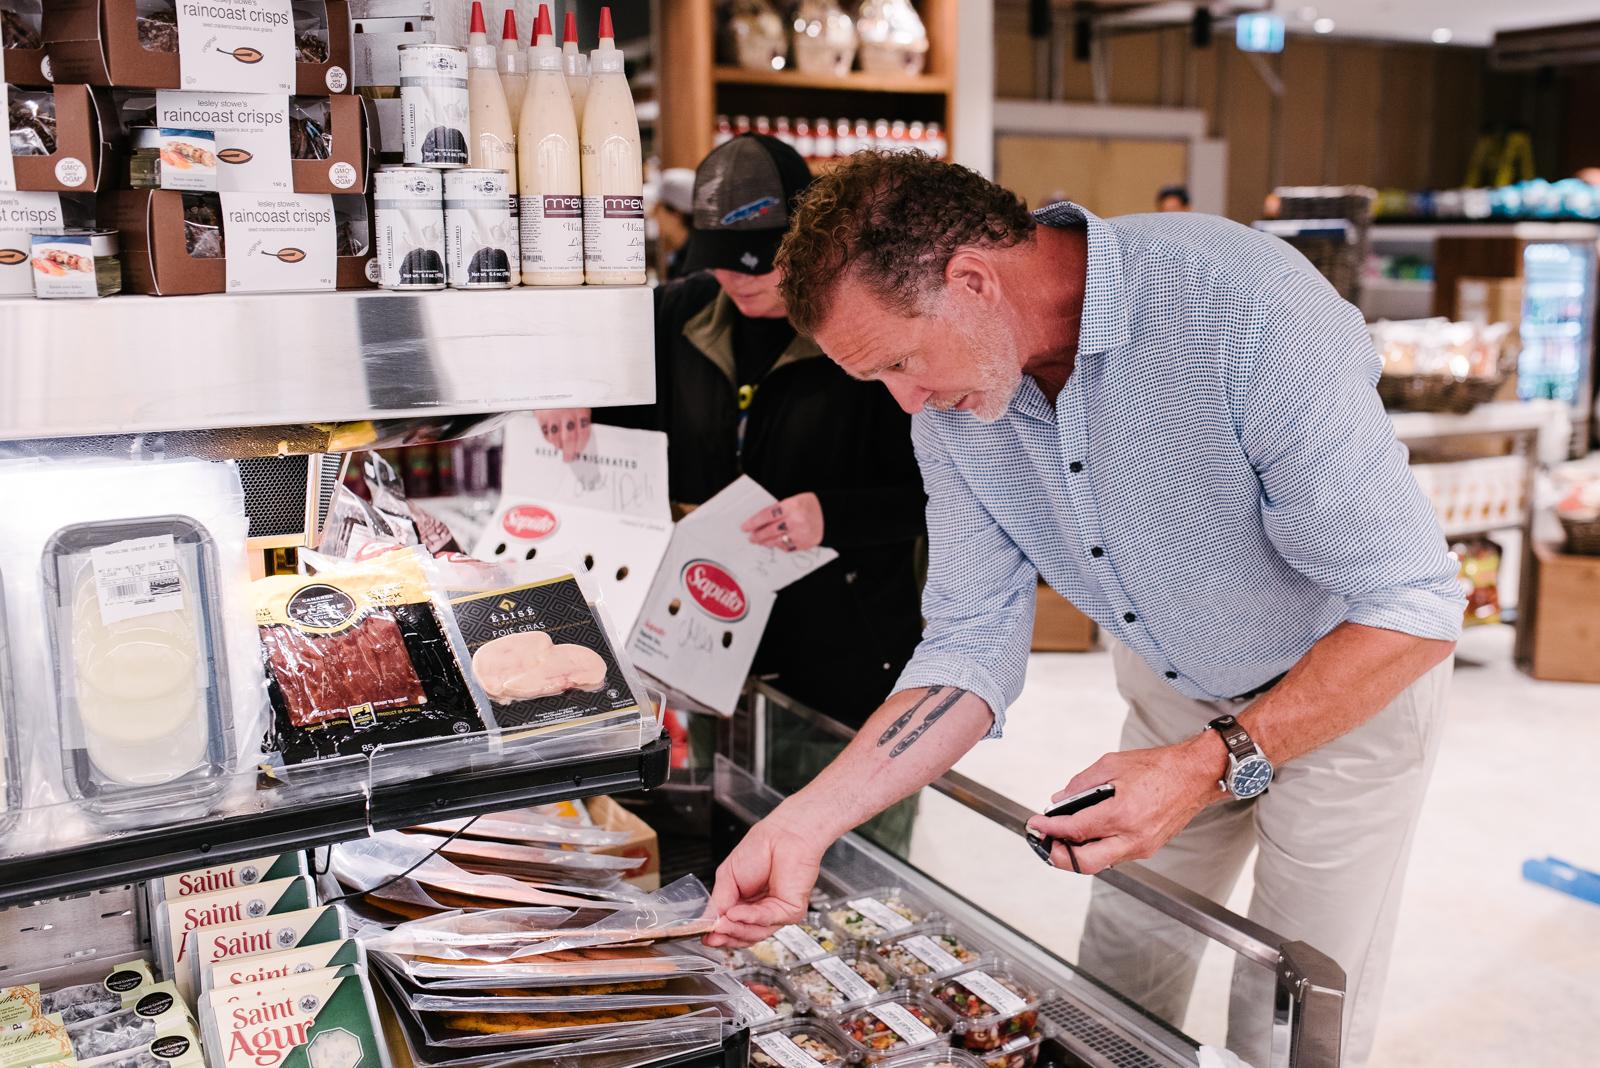 mcewan_mcewanTD_chef_markmcewan_1